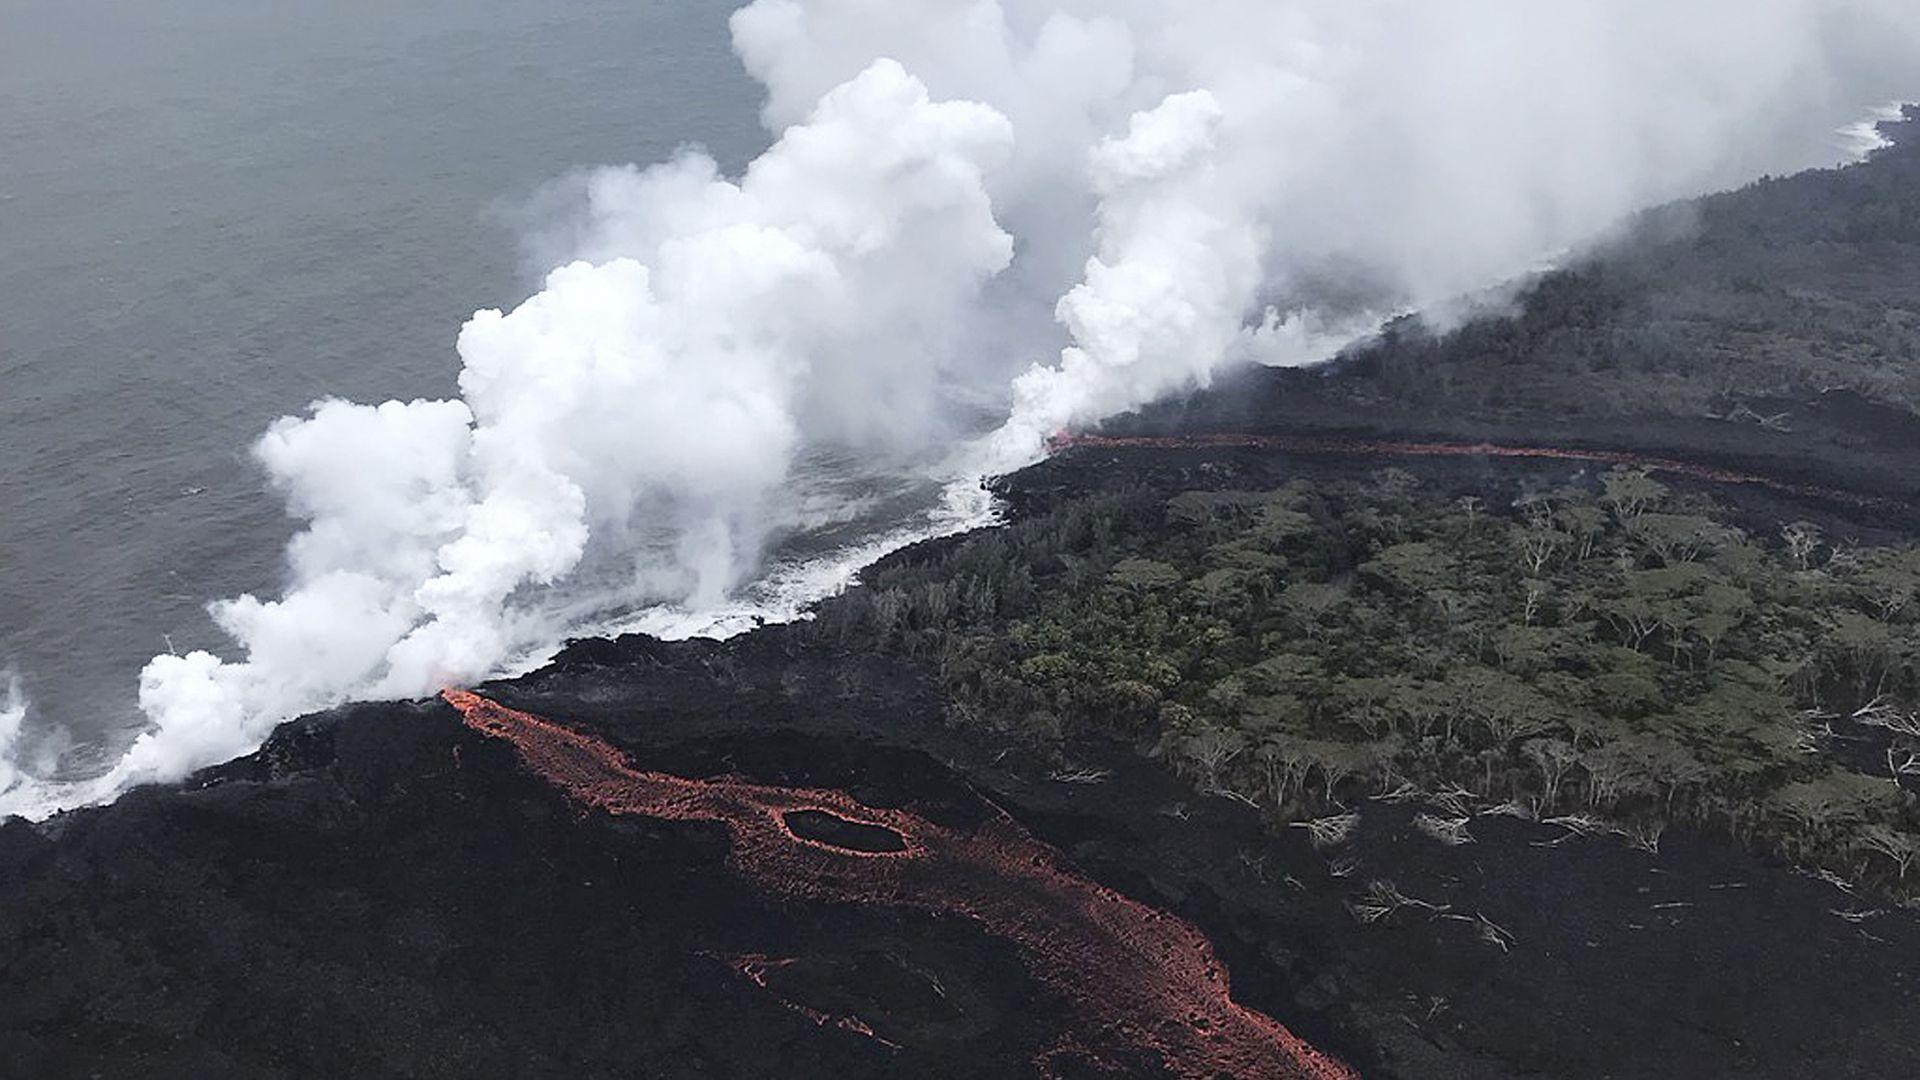 Разтопена лава заплашва геотермална електростанция станция на Хаваите (видео)